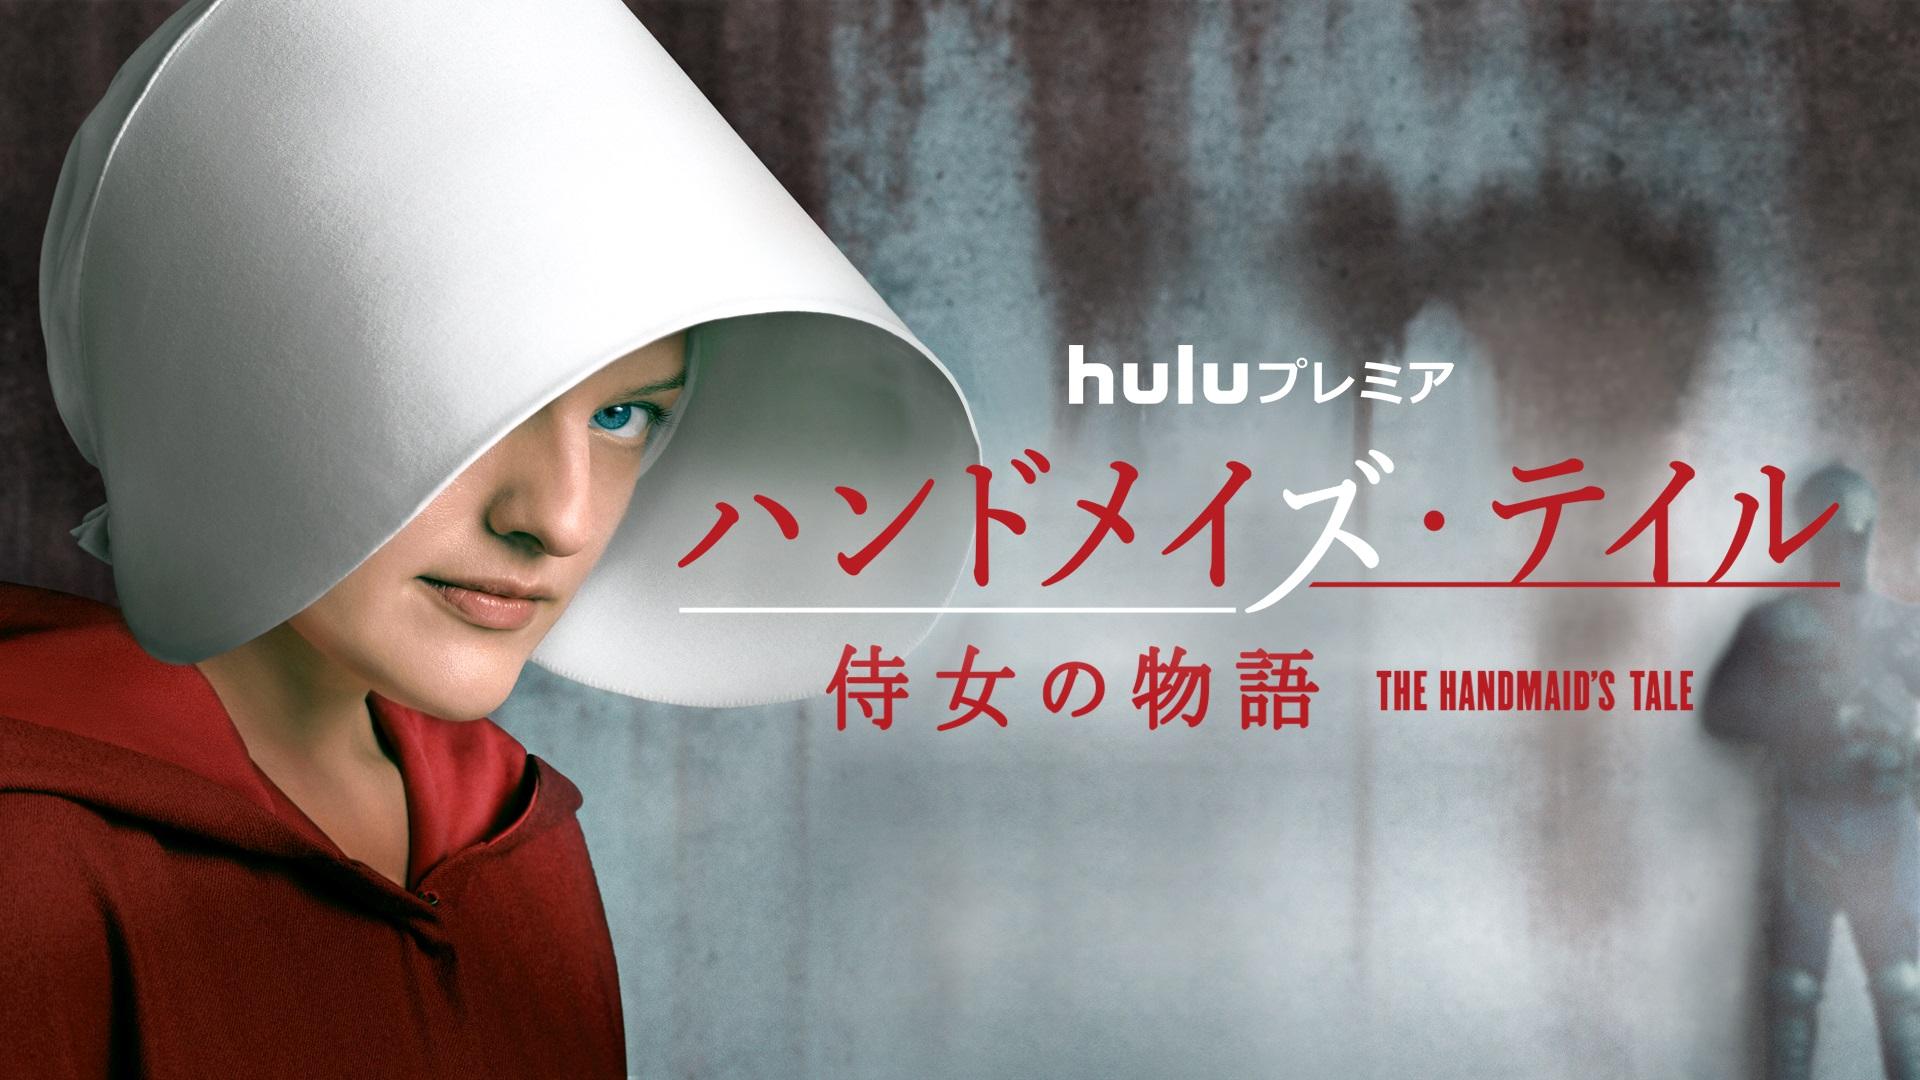 ハンドメイズ・テイル(侍女の物語)<The Handmaid's Tale>